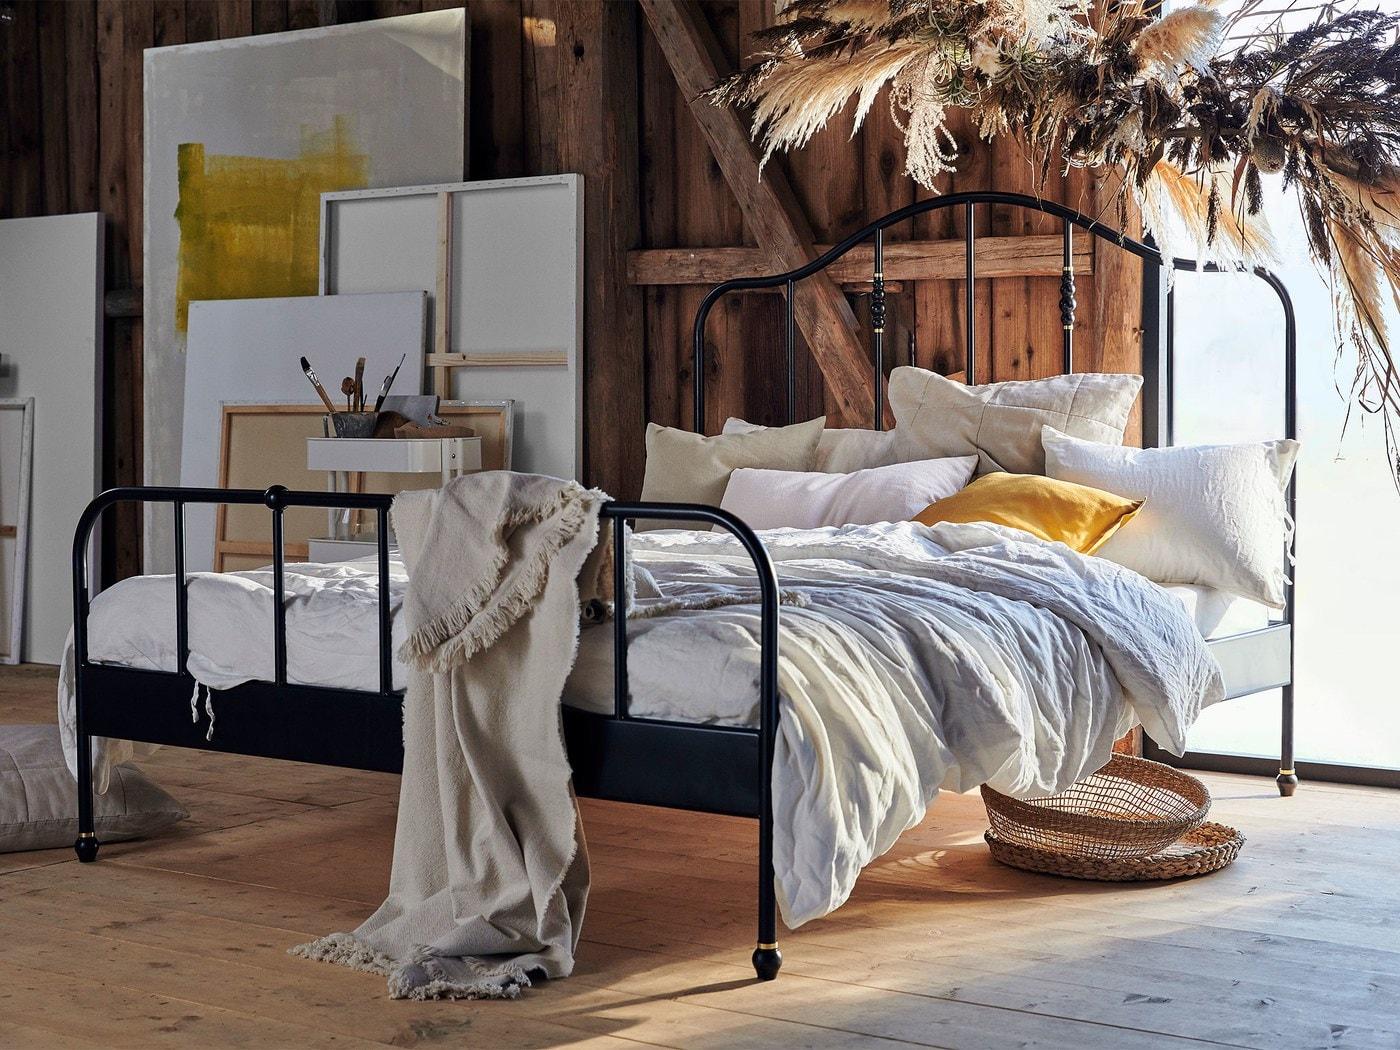 Rustieke zolderruimte met zwart SAGSTUA bedframe met afgeronde vormen, opgemaakt met textiel in neutrale kleuren; tegen de muur leunen enkele doeken.